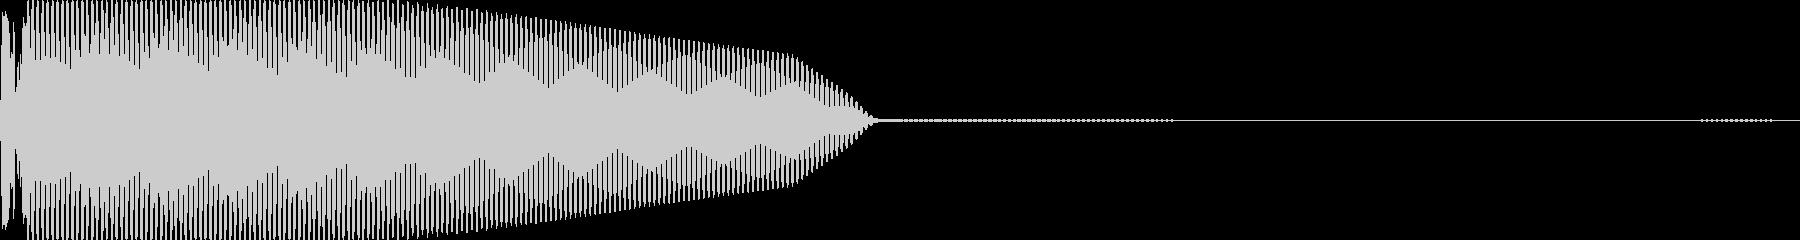 ちょっとワルそうなサブベースキック音の未再生の波形